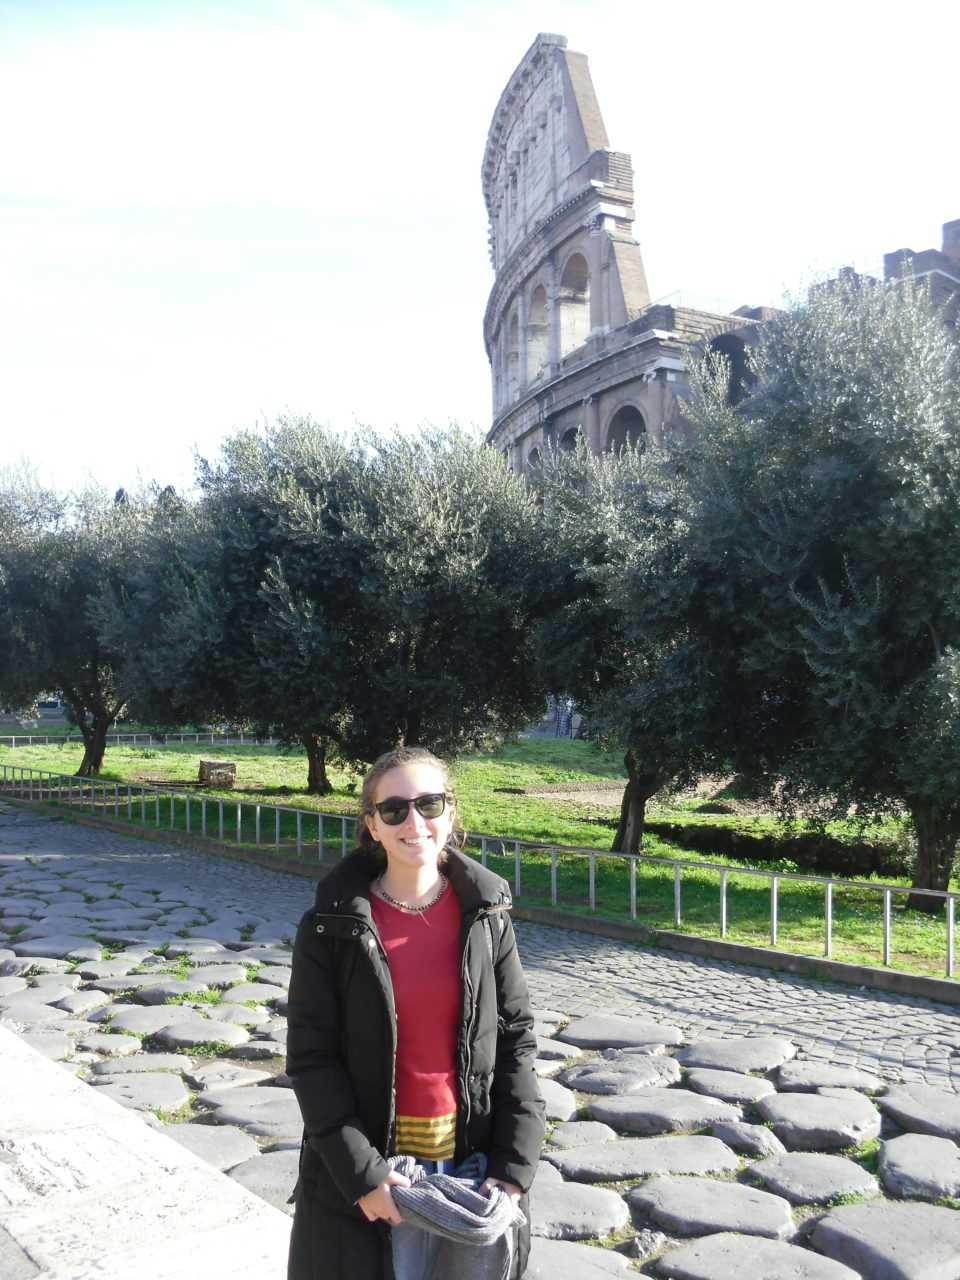 Lembrete nada a ver (sobre Roma)